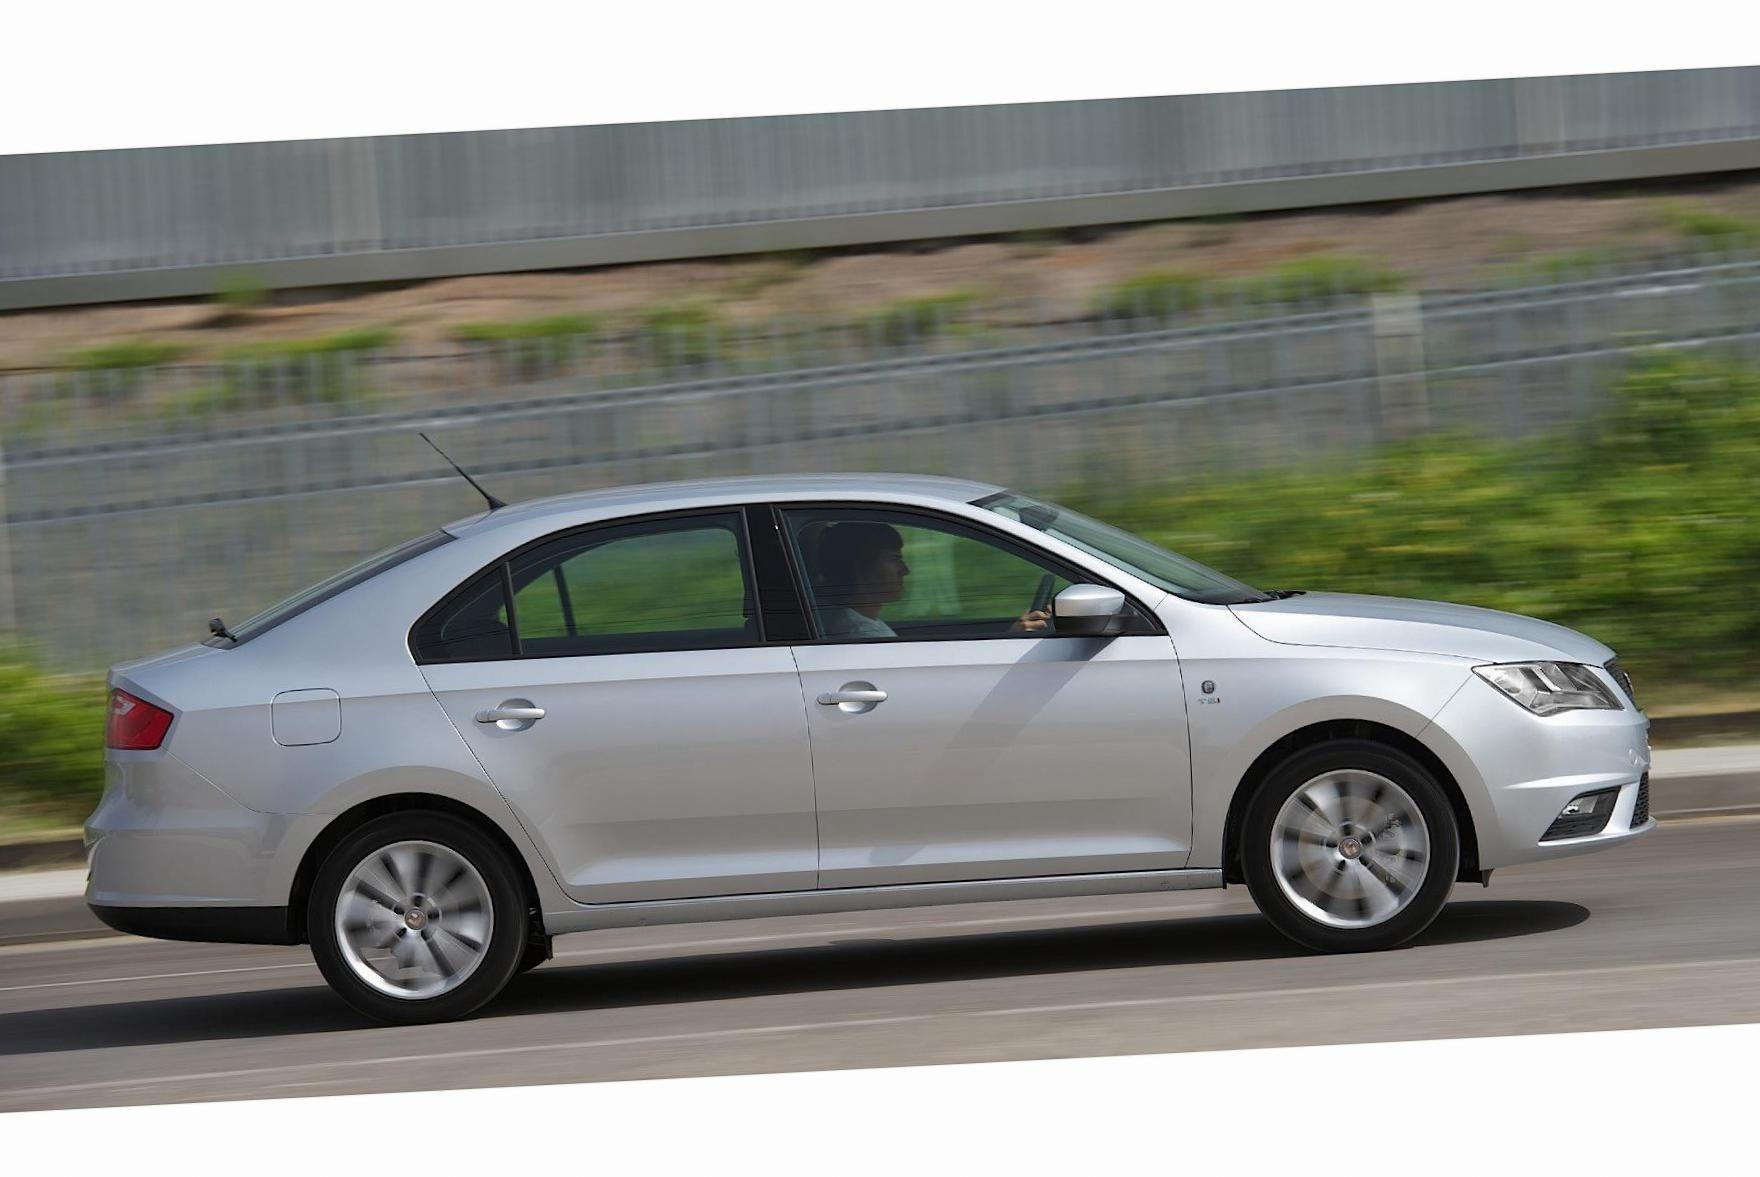 Seat Toledo Photos and Specs. Photo: Toledo Seat new and ...